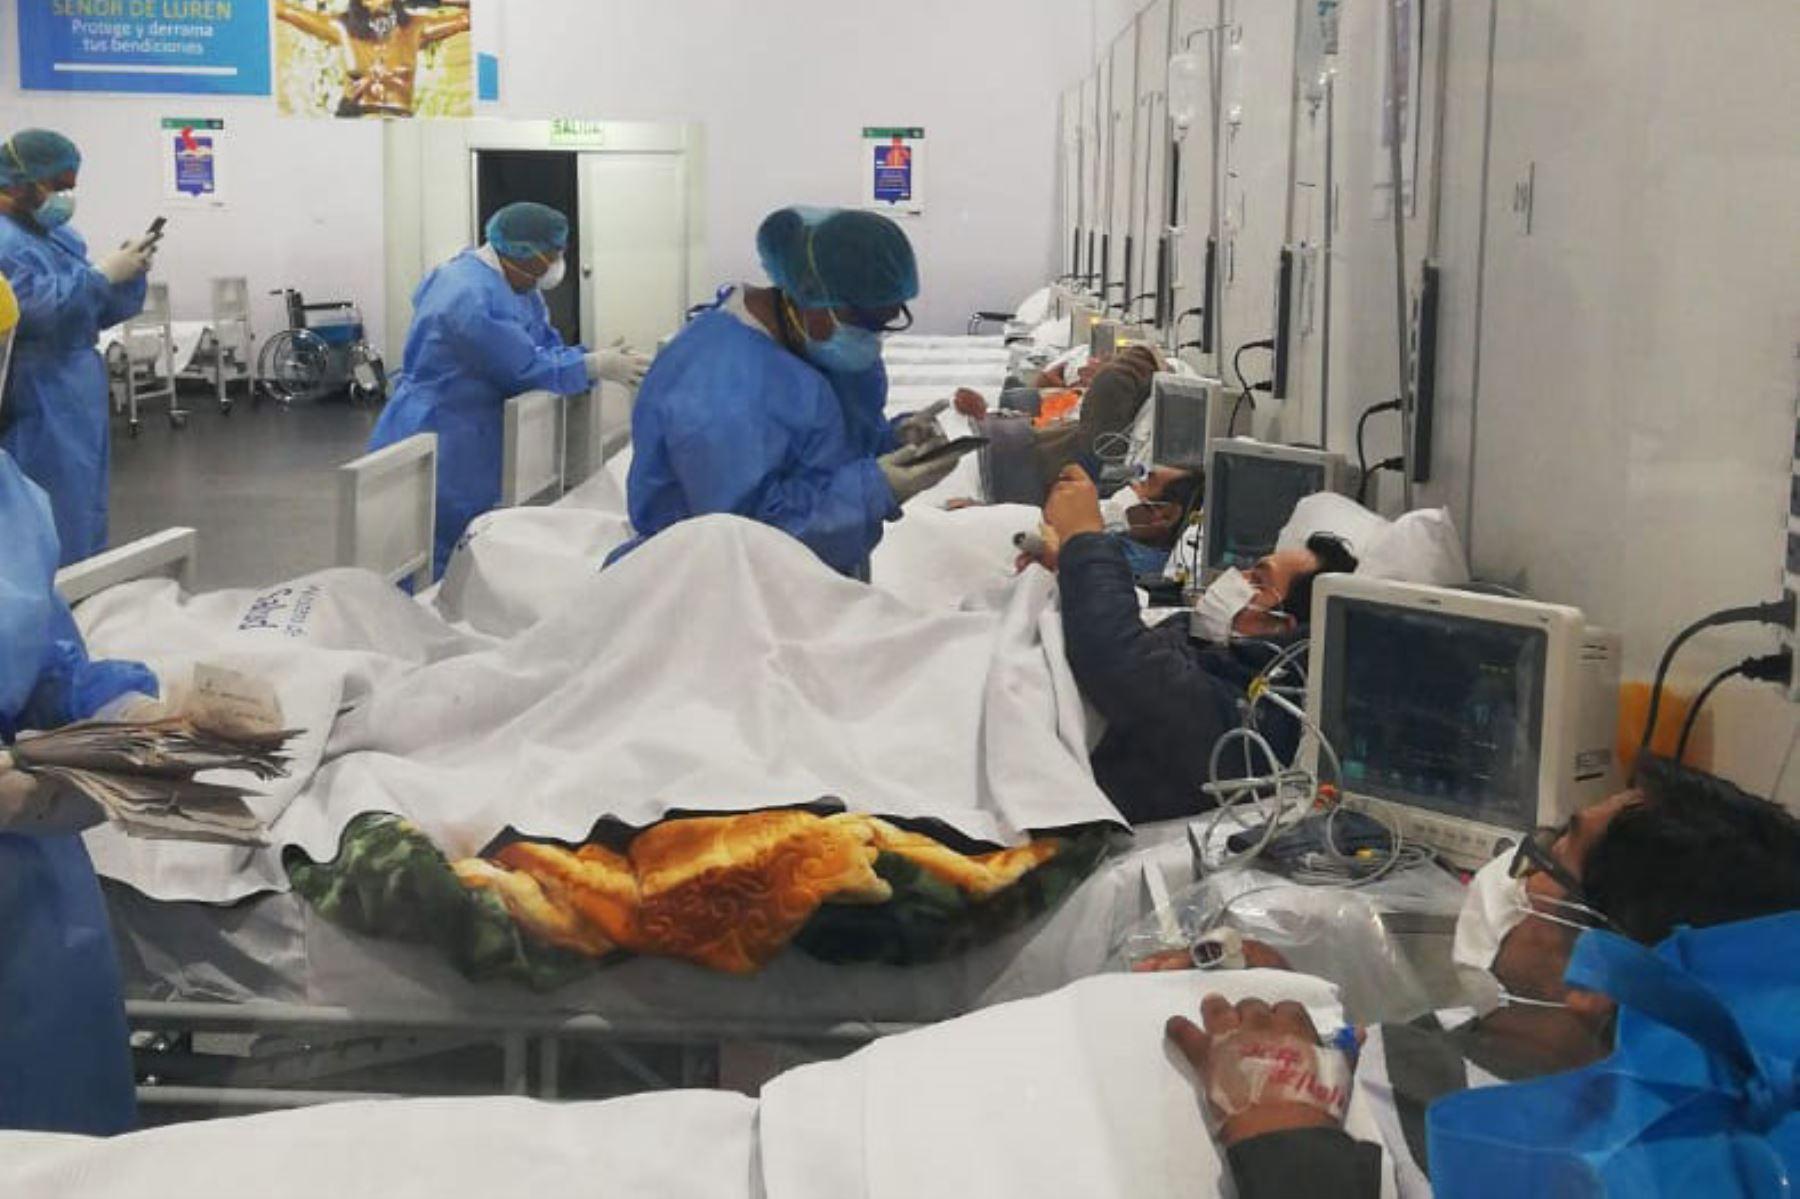 El Pronis implmentó un ambiente temporal de hospitalización en la región Ica para pacientes covid-19. Foto: ANDINA/Difusión